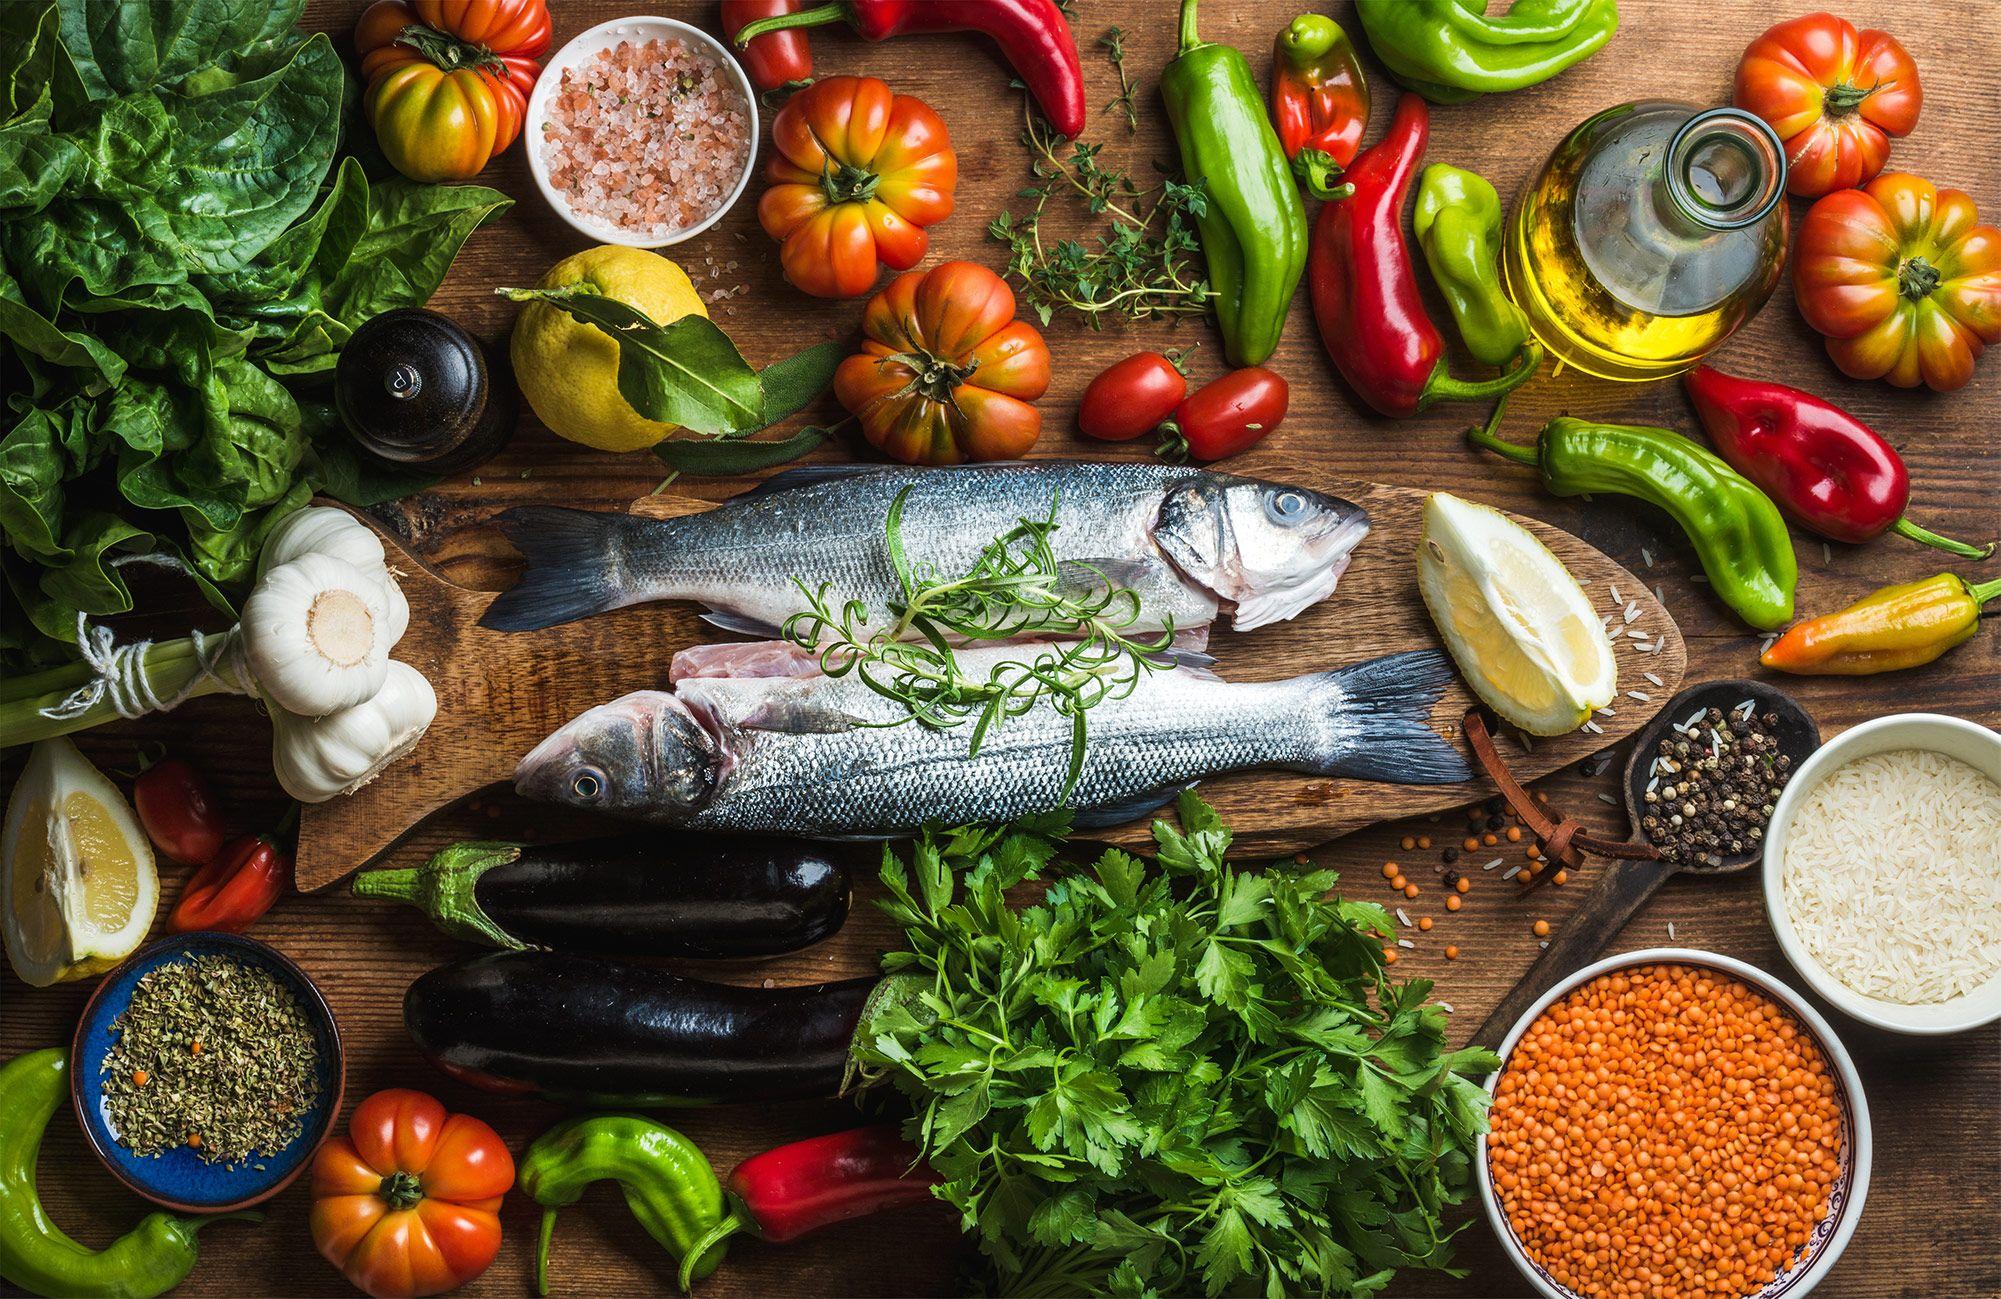 Intoleranca na živila se pojavi, ko črevo postane občutljivo na ta živila. Pojavi se sindrom razdraženega črevesja.